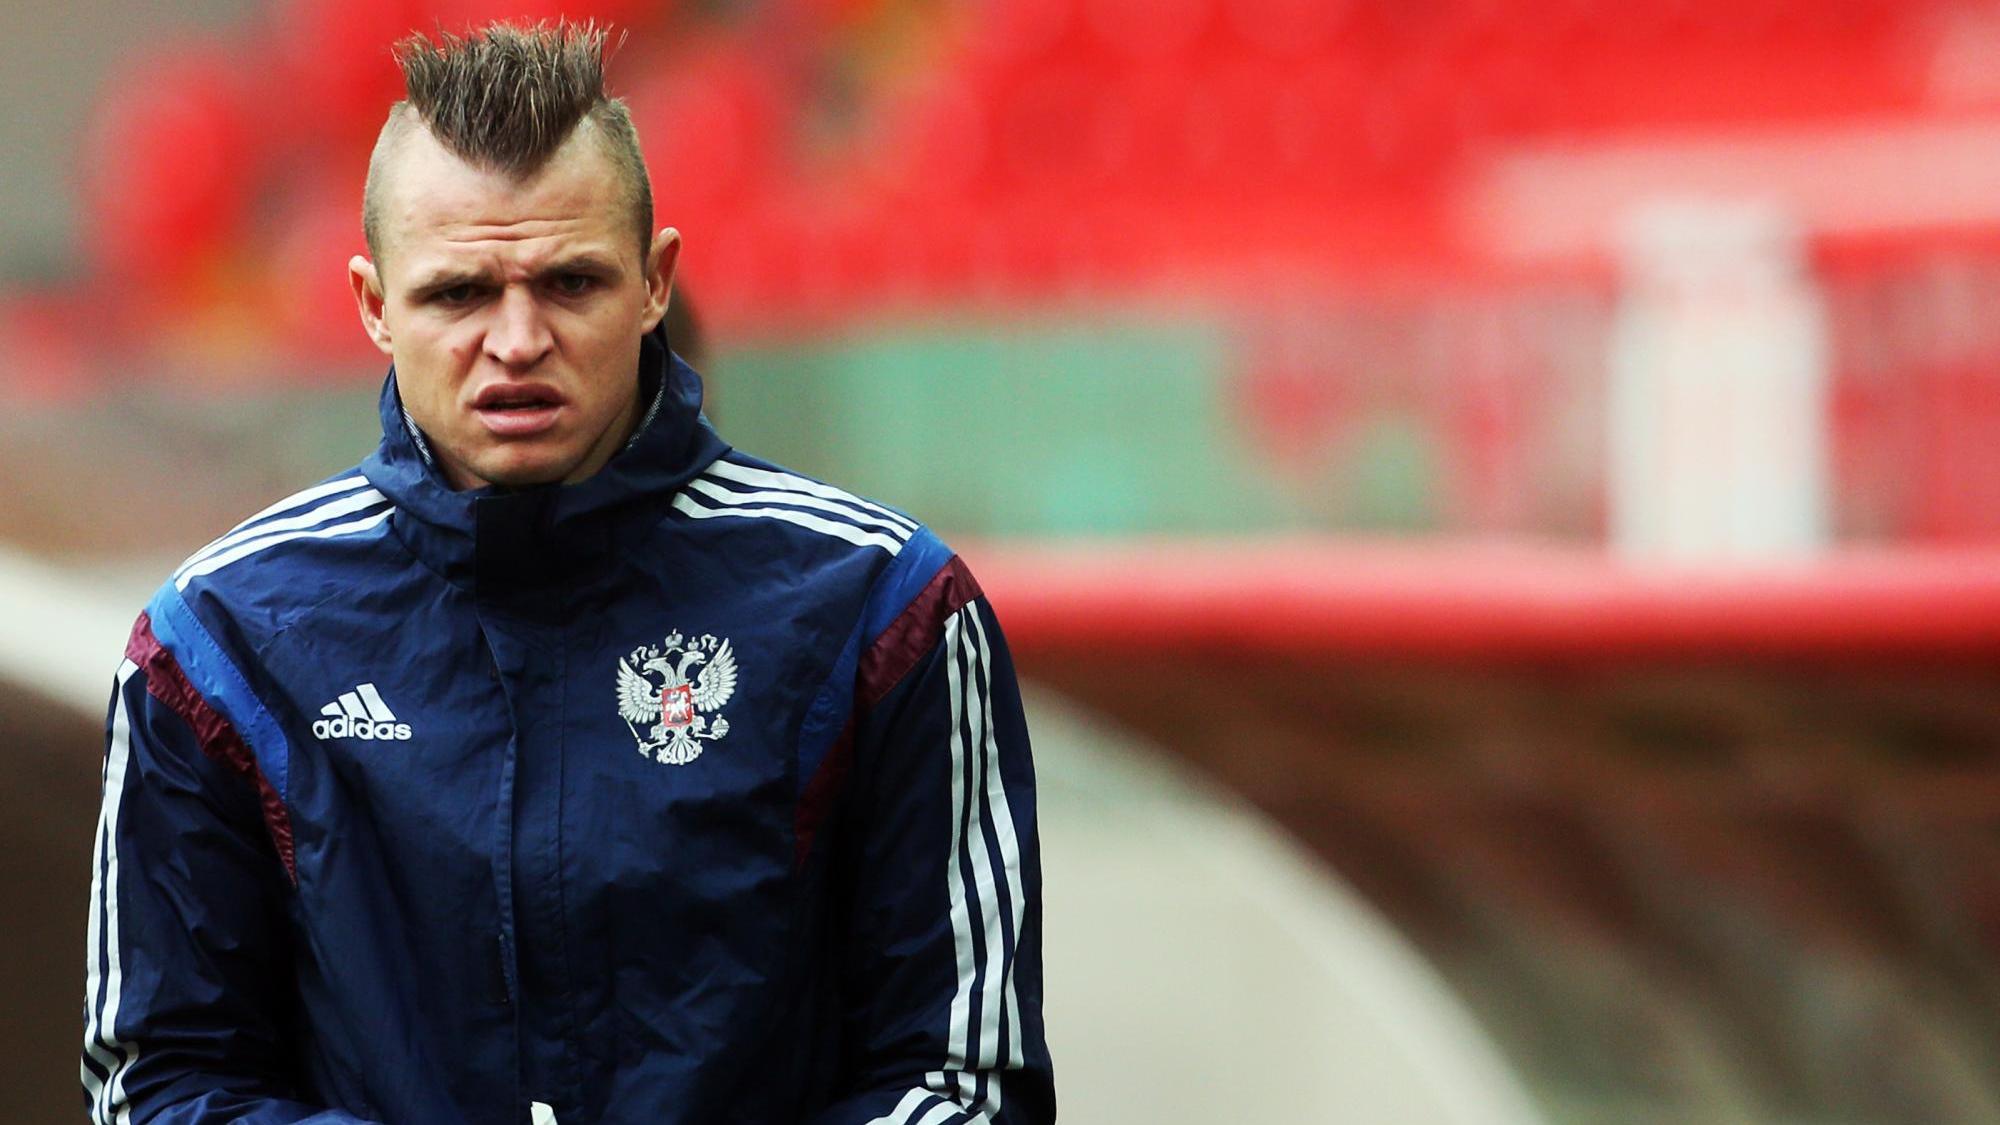 Дмитрий Тарасов наживается на имени Ольги Бузовой